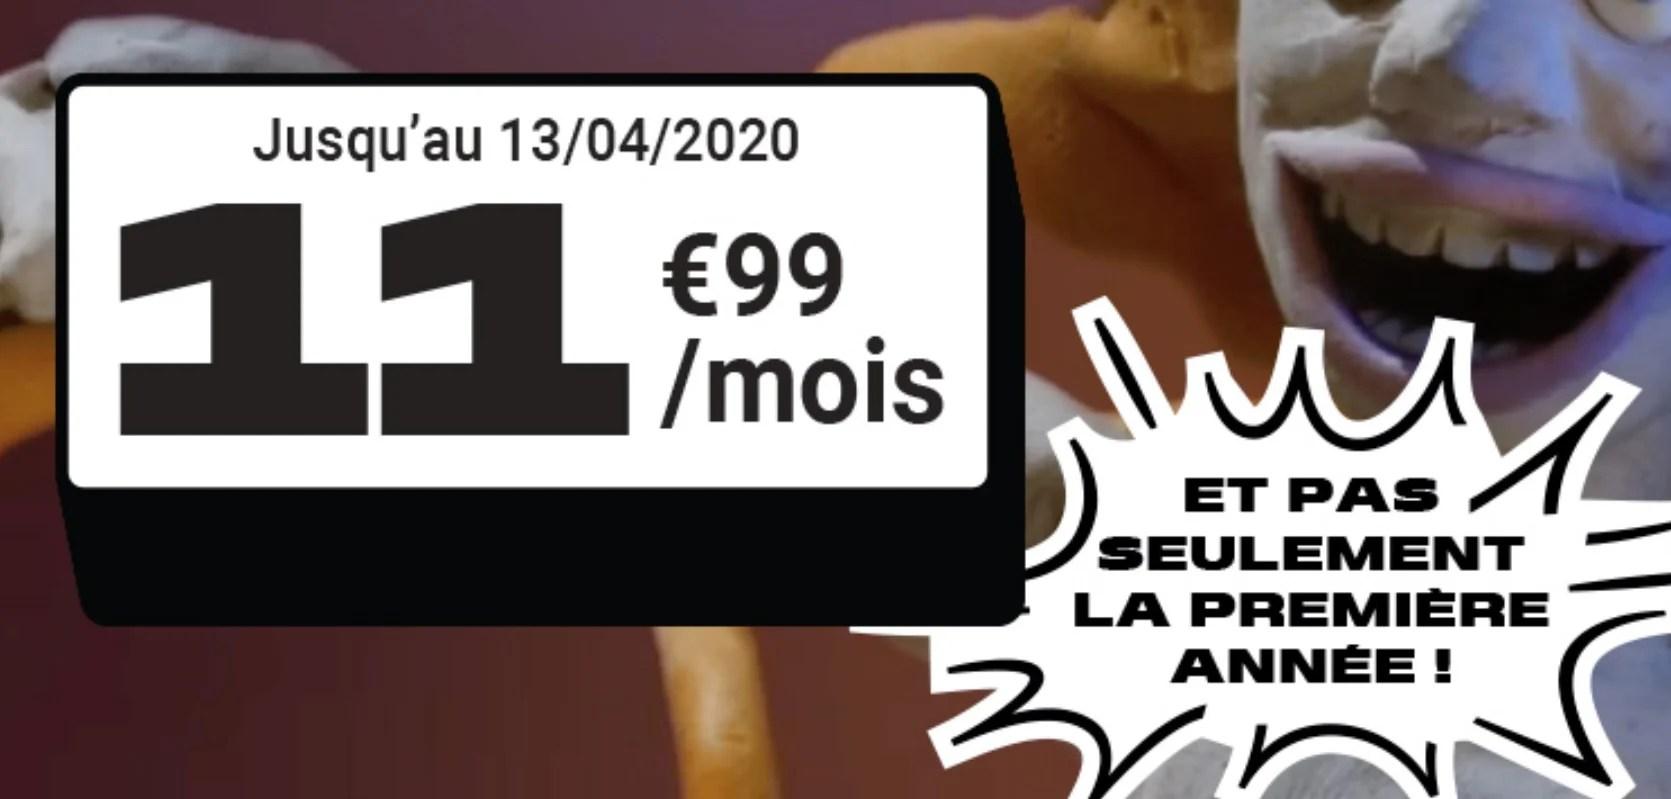 Voici le meilleur forfait mobile du moment : 50 Go à 11,99 euros, même après un an